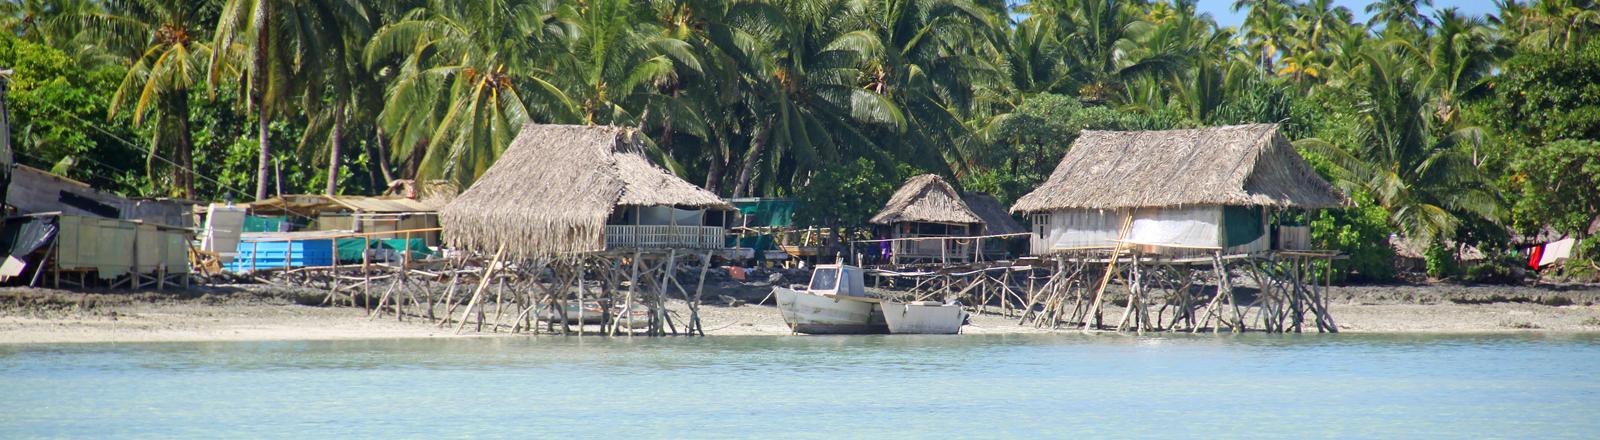 Pfahlbauten auf Kiribati